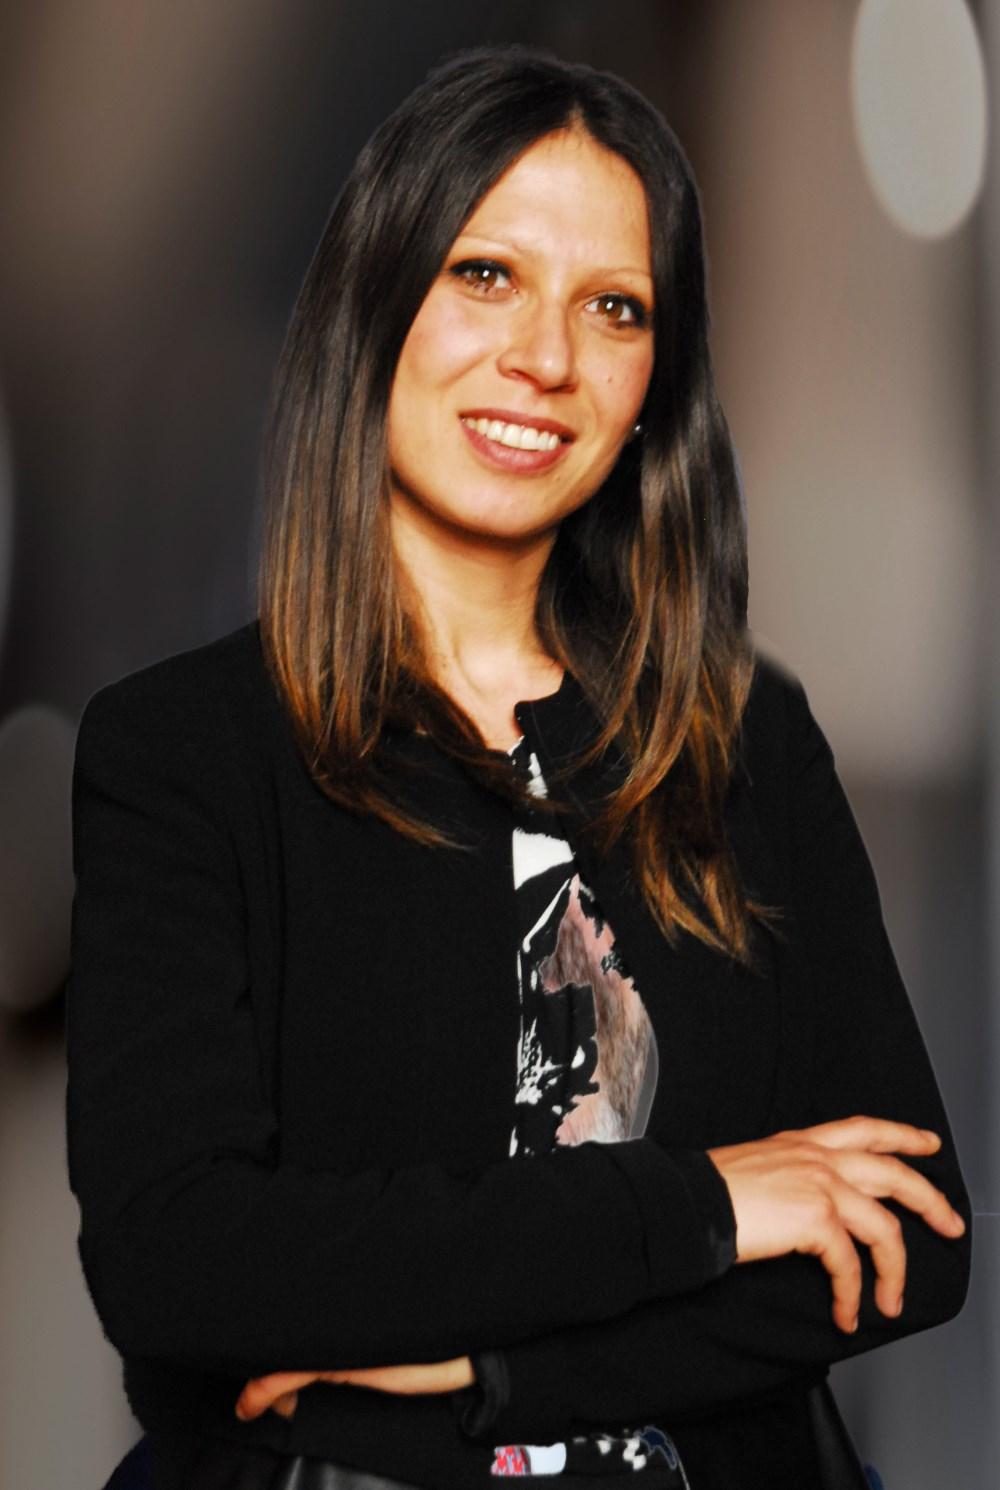 Claudia Pistone